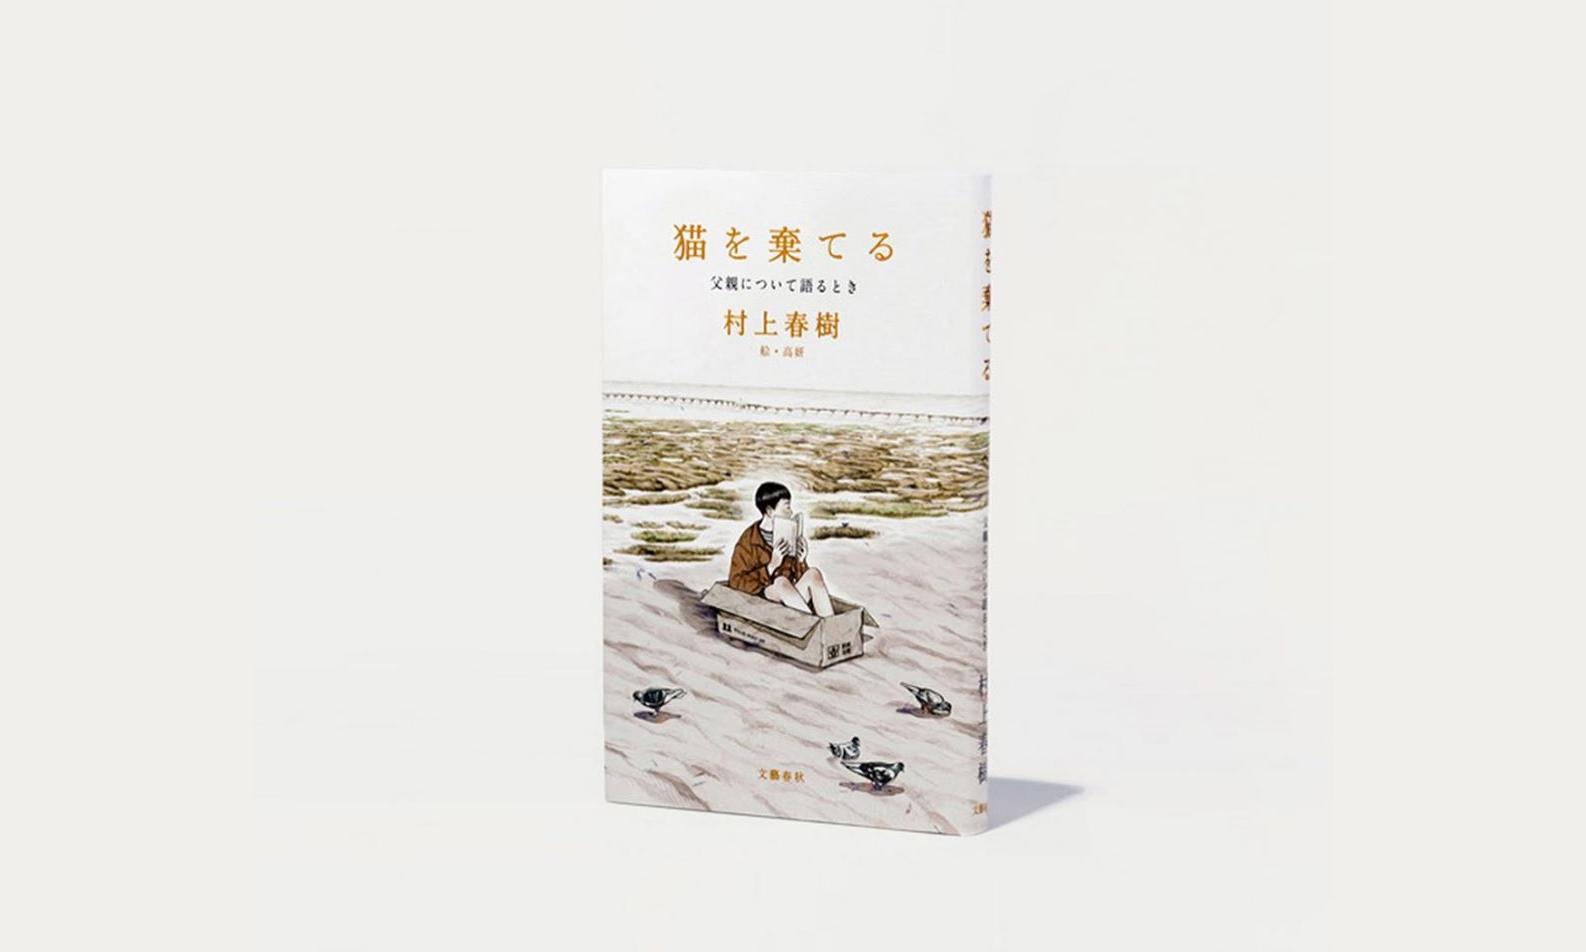 记述父子相处的故事,村上春树新书即将出版